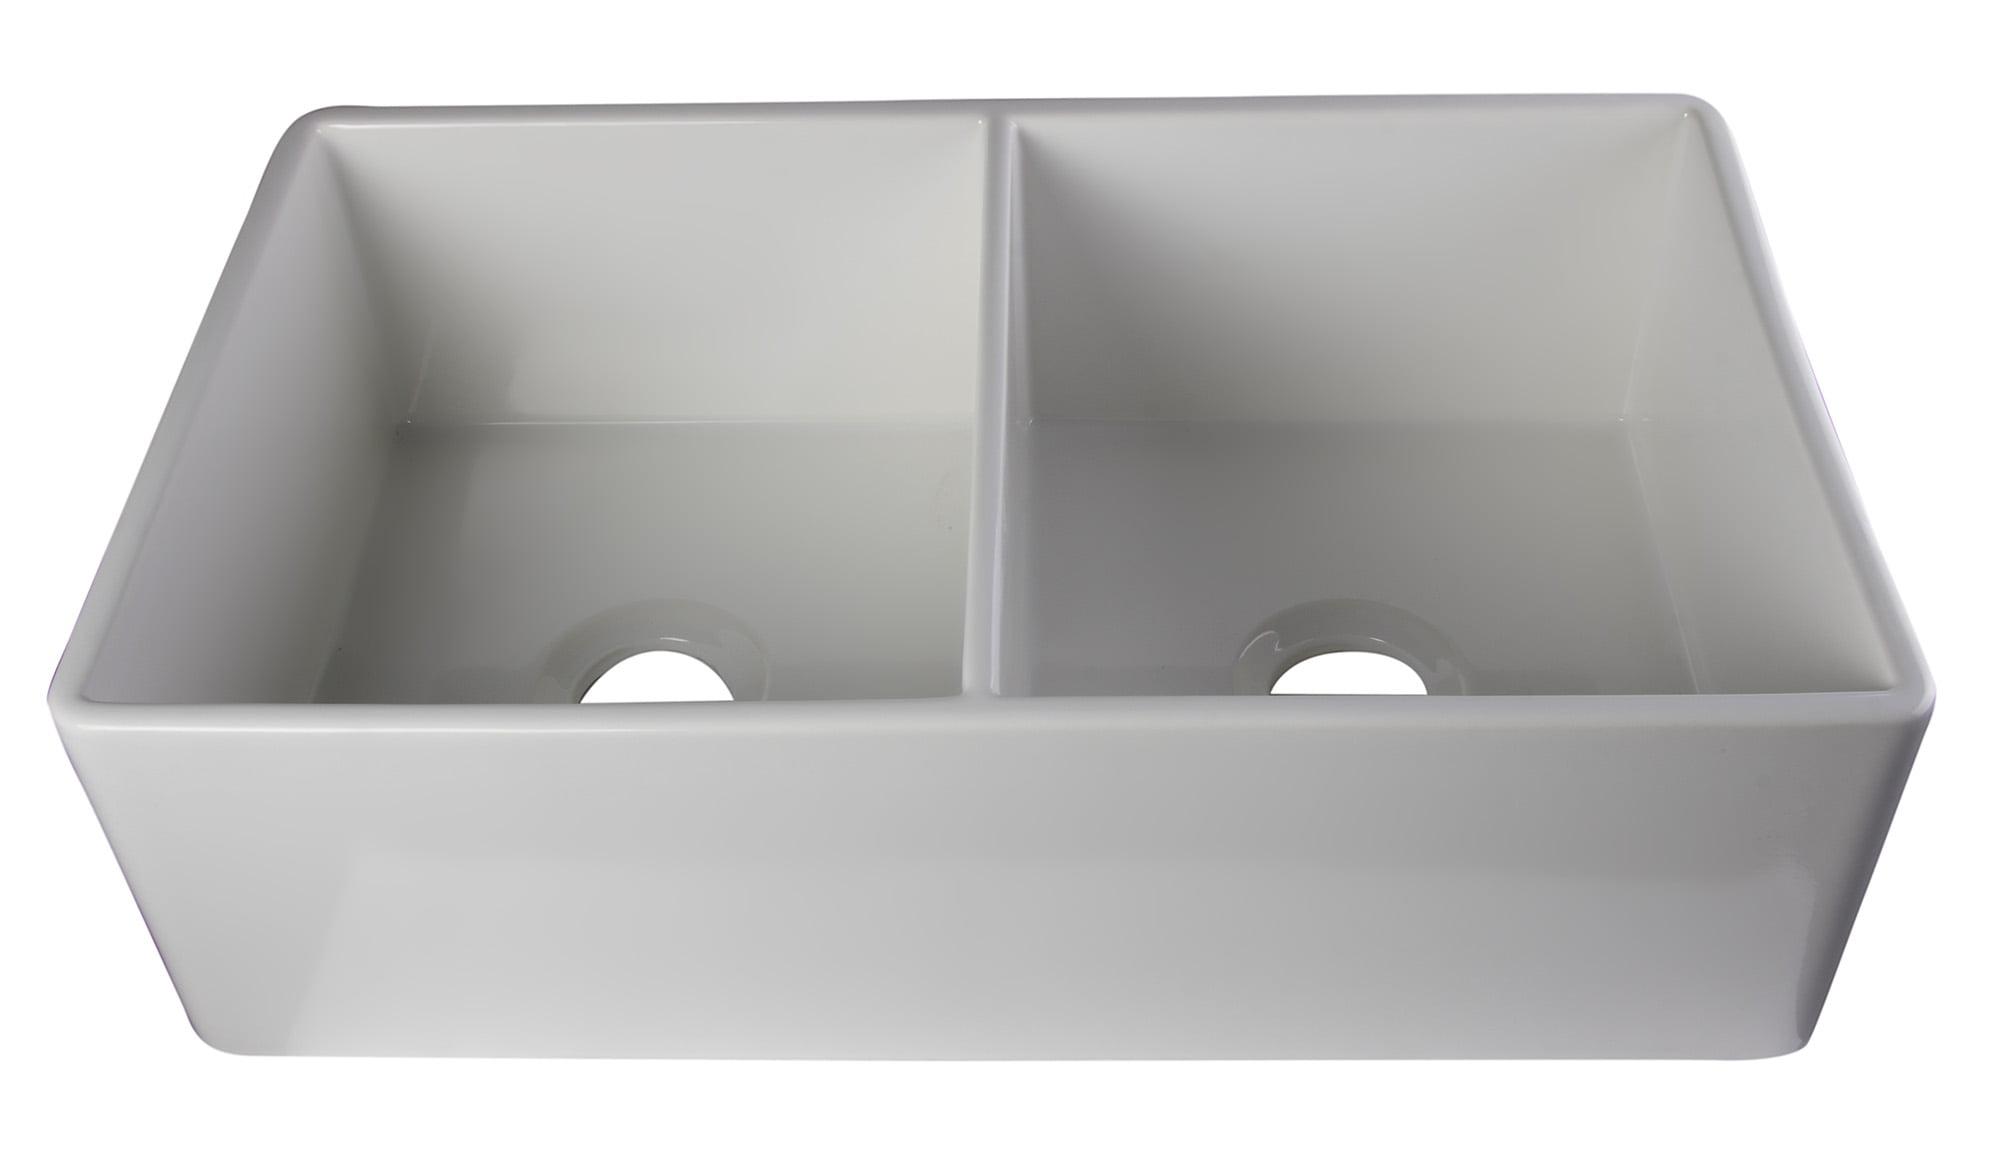 Alfi Brand Ab538 W White 32 Smooth A Double Bowl Fireclay Farmhouse Kitchen Sink